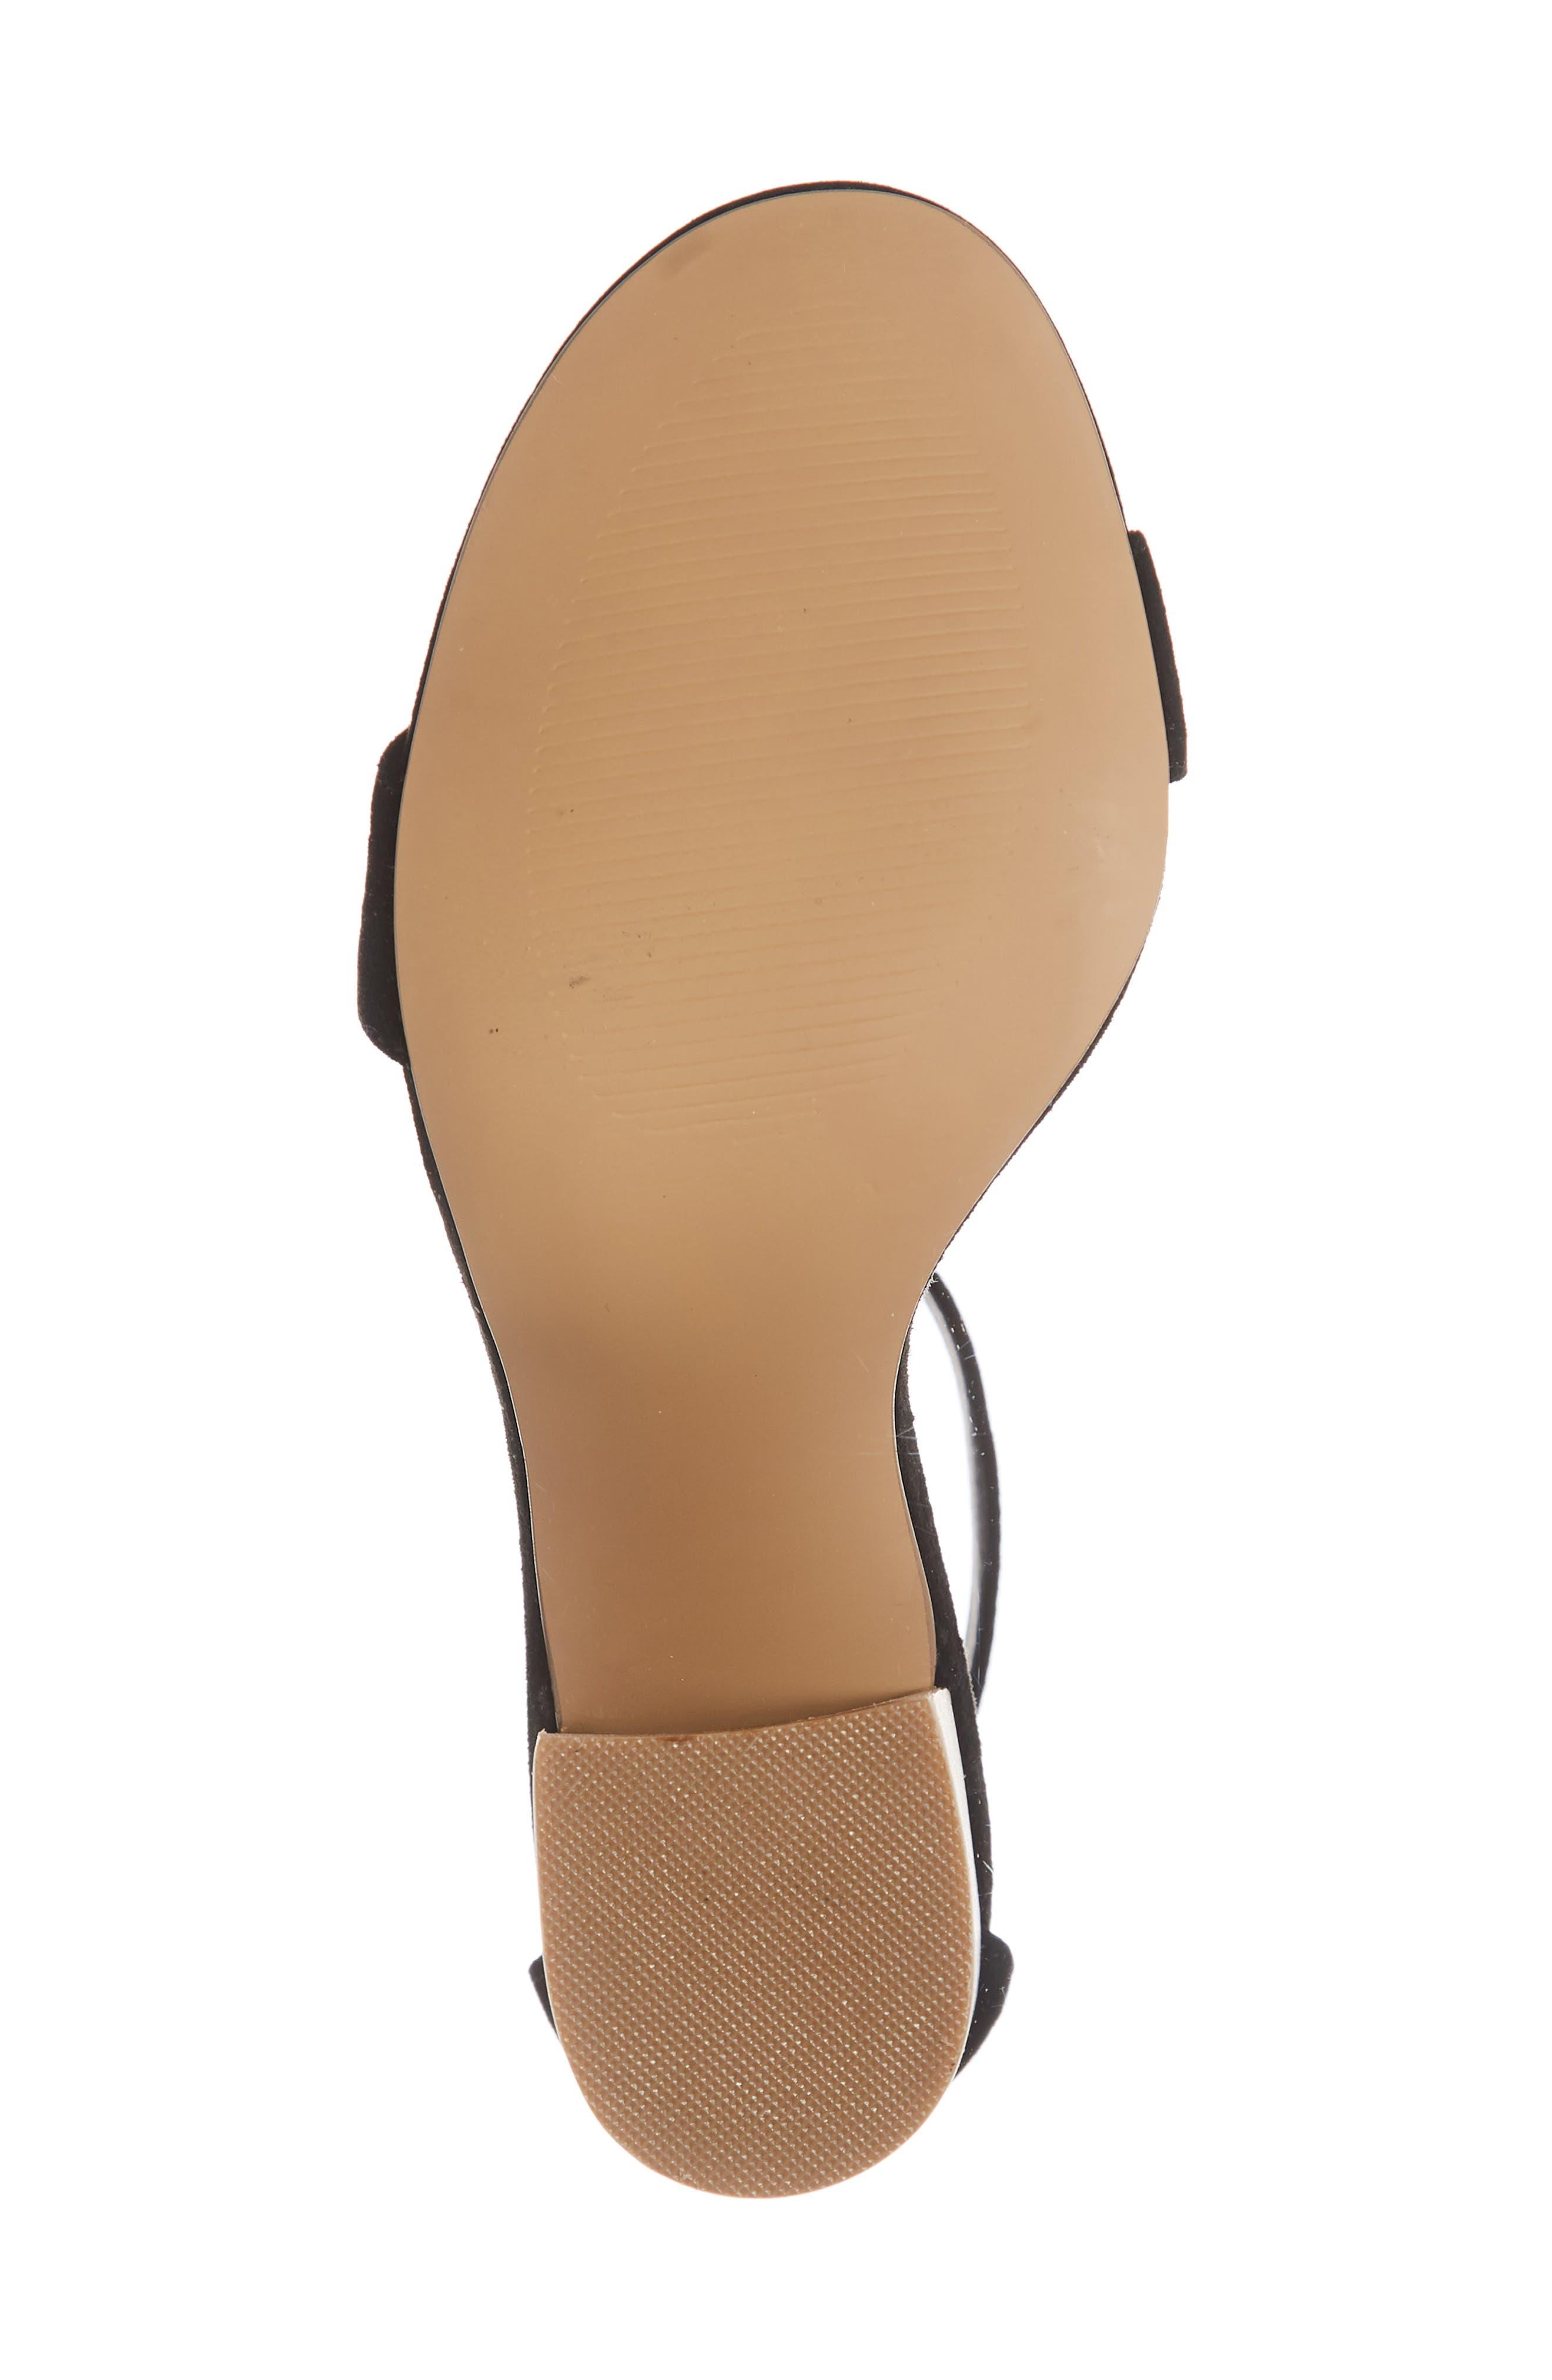 Frieda Ankle Strap Sandal,                             Alternate thumbnail 6, color,                             006